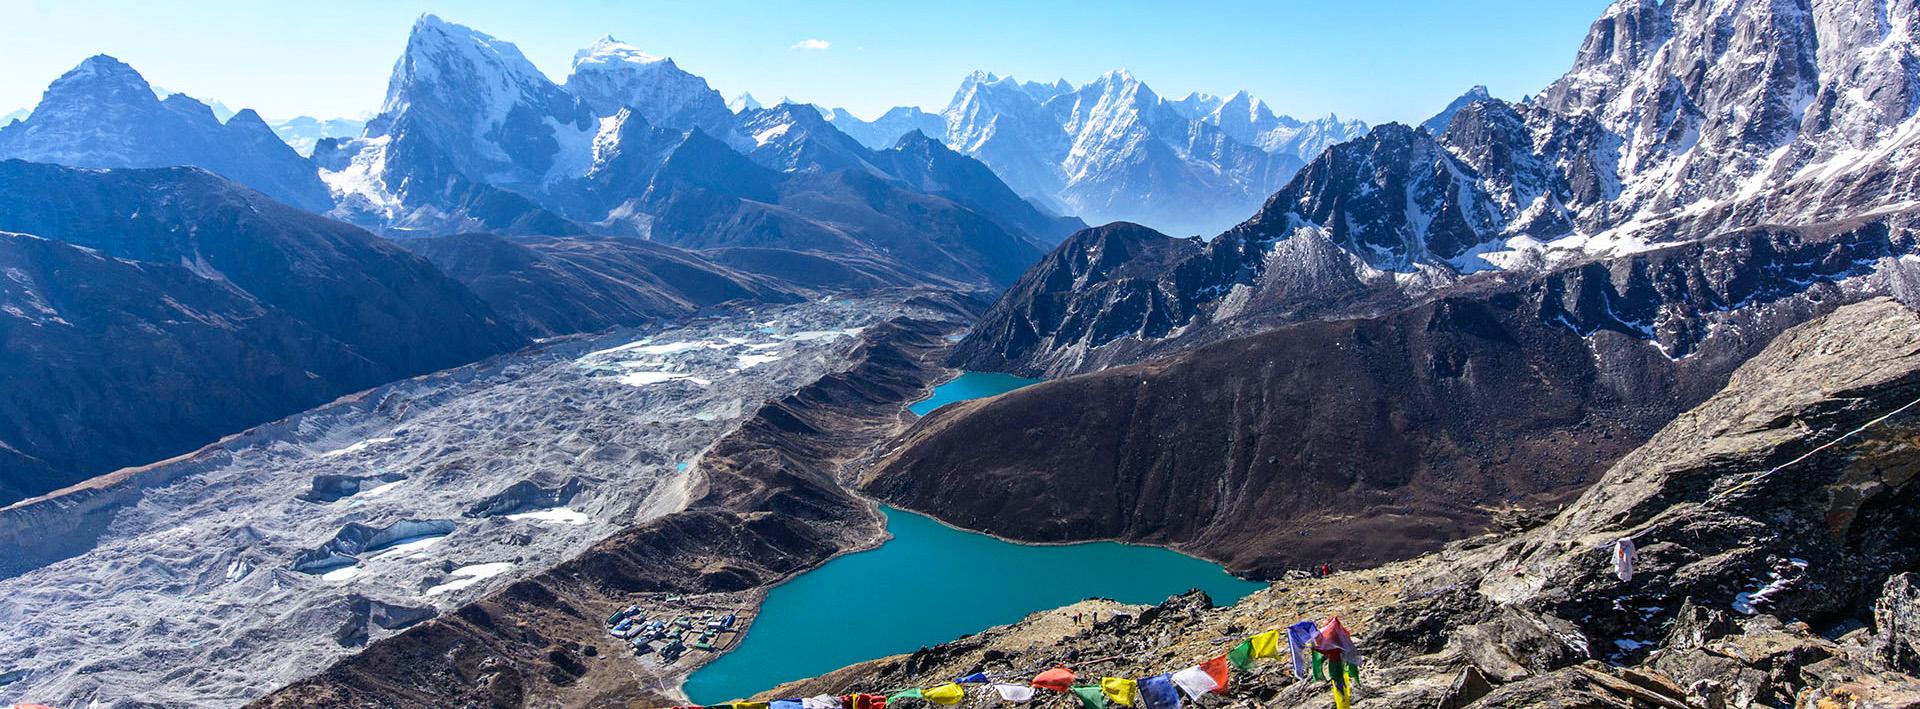 Гокио трек | озера Гокио, восхождение на Гокио Ри 5350м и лучший вид на Эверест